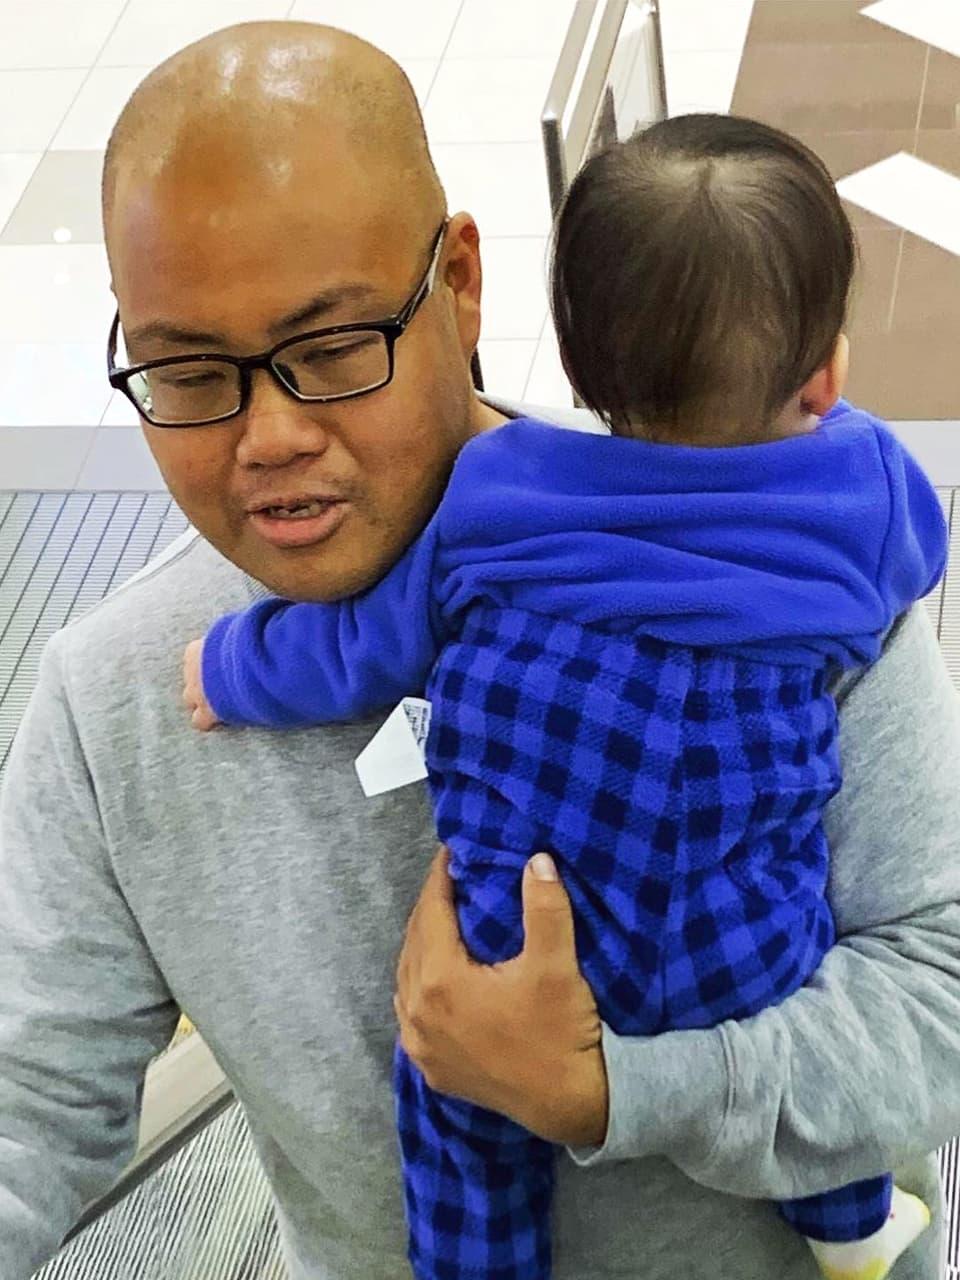 古畑のお子さんを抱っこしている田中の写真